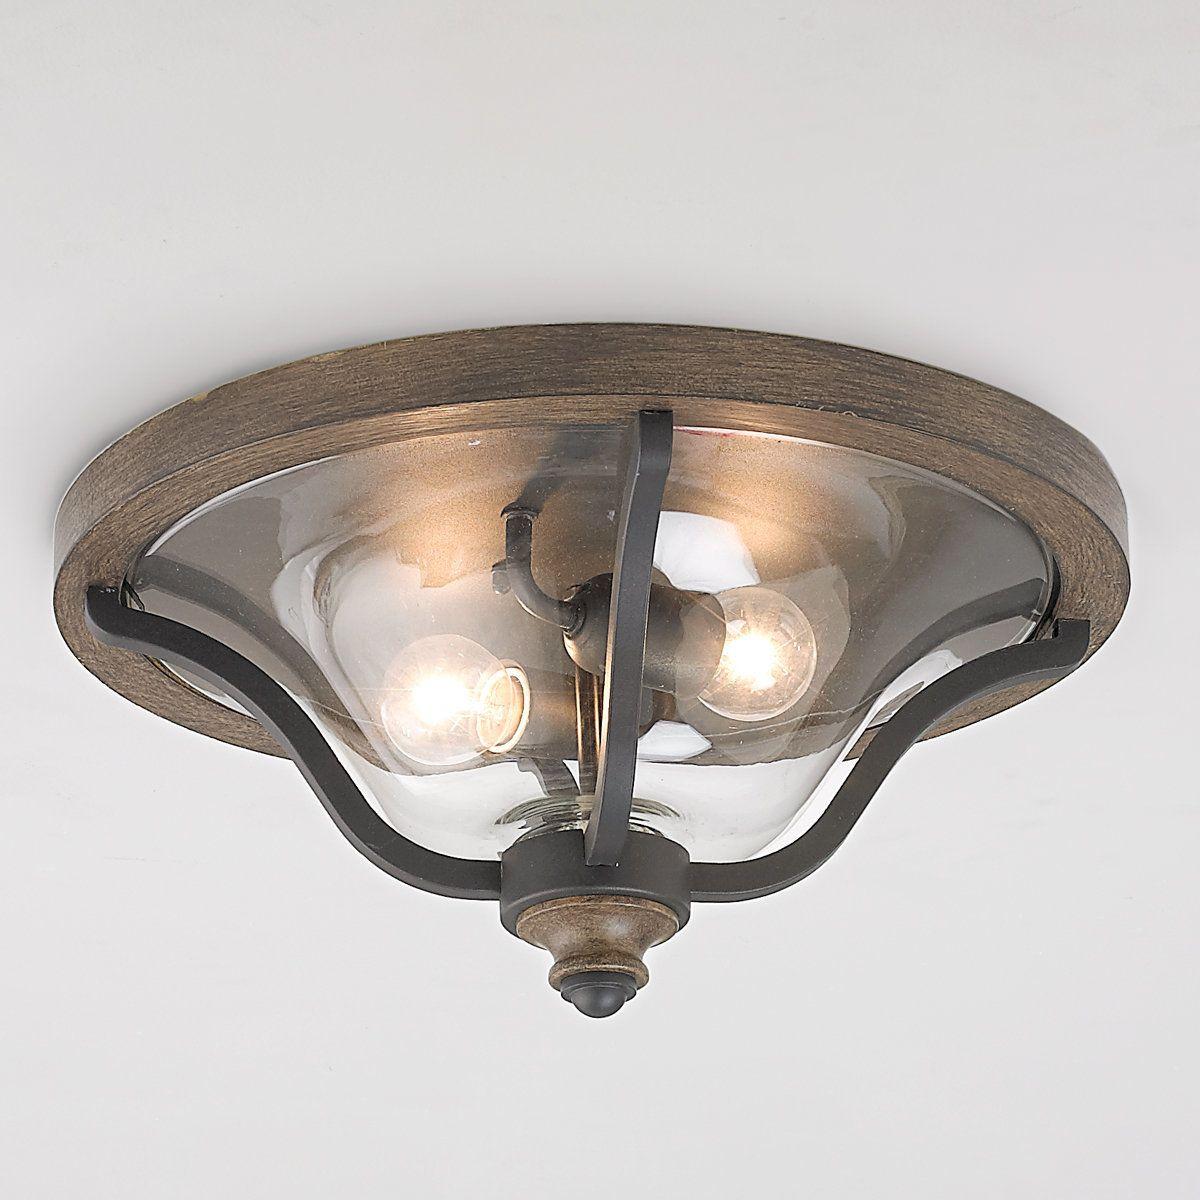 Sonoma Indoor Outdoor Ceiling Light In 2020 Outdoor Ceiling Lights Ceiling Lights Ceiling Light Shades